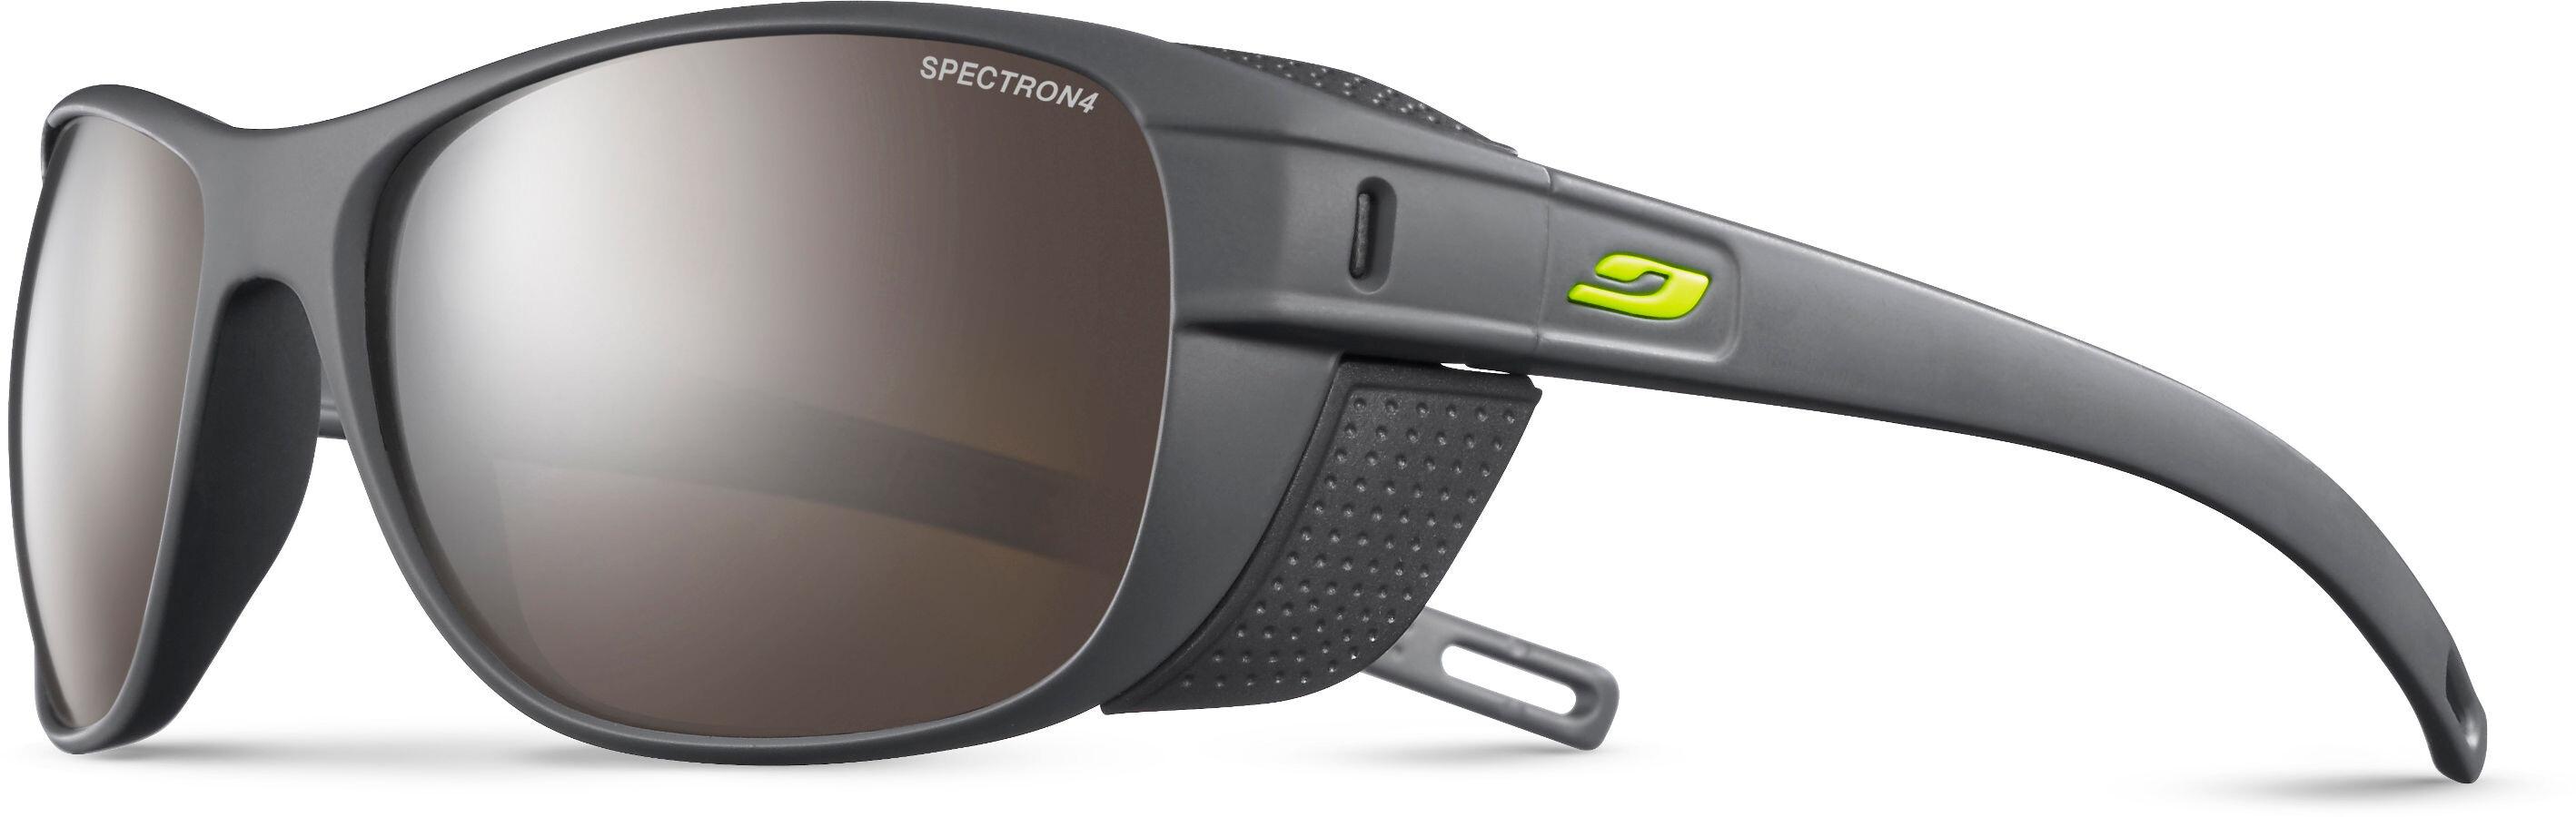 Julbo Camino Spectron 4 - Lunettes - gris - Boutique de vélos en ... 8a81ef690a90